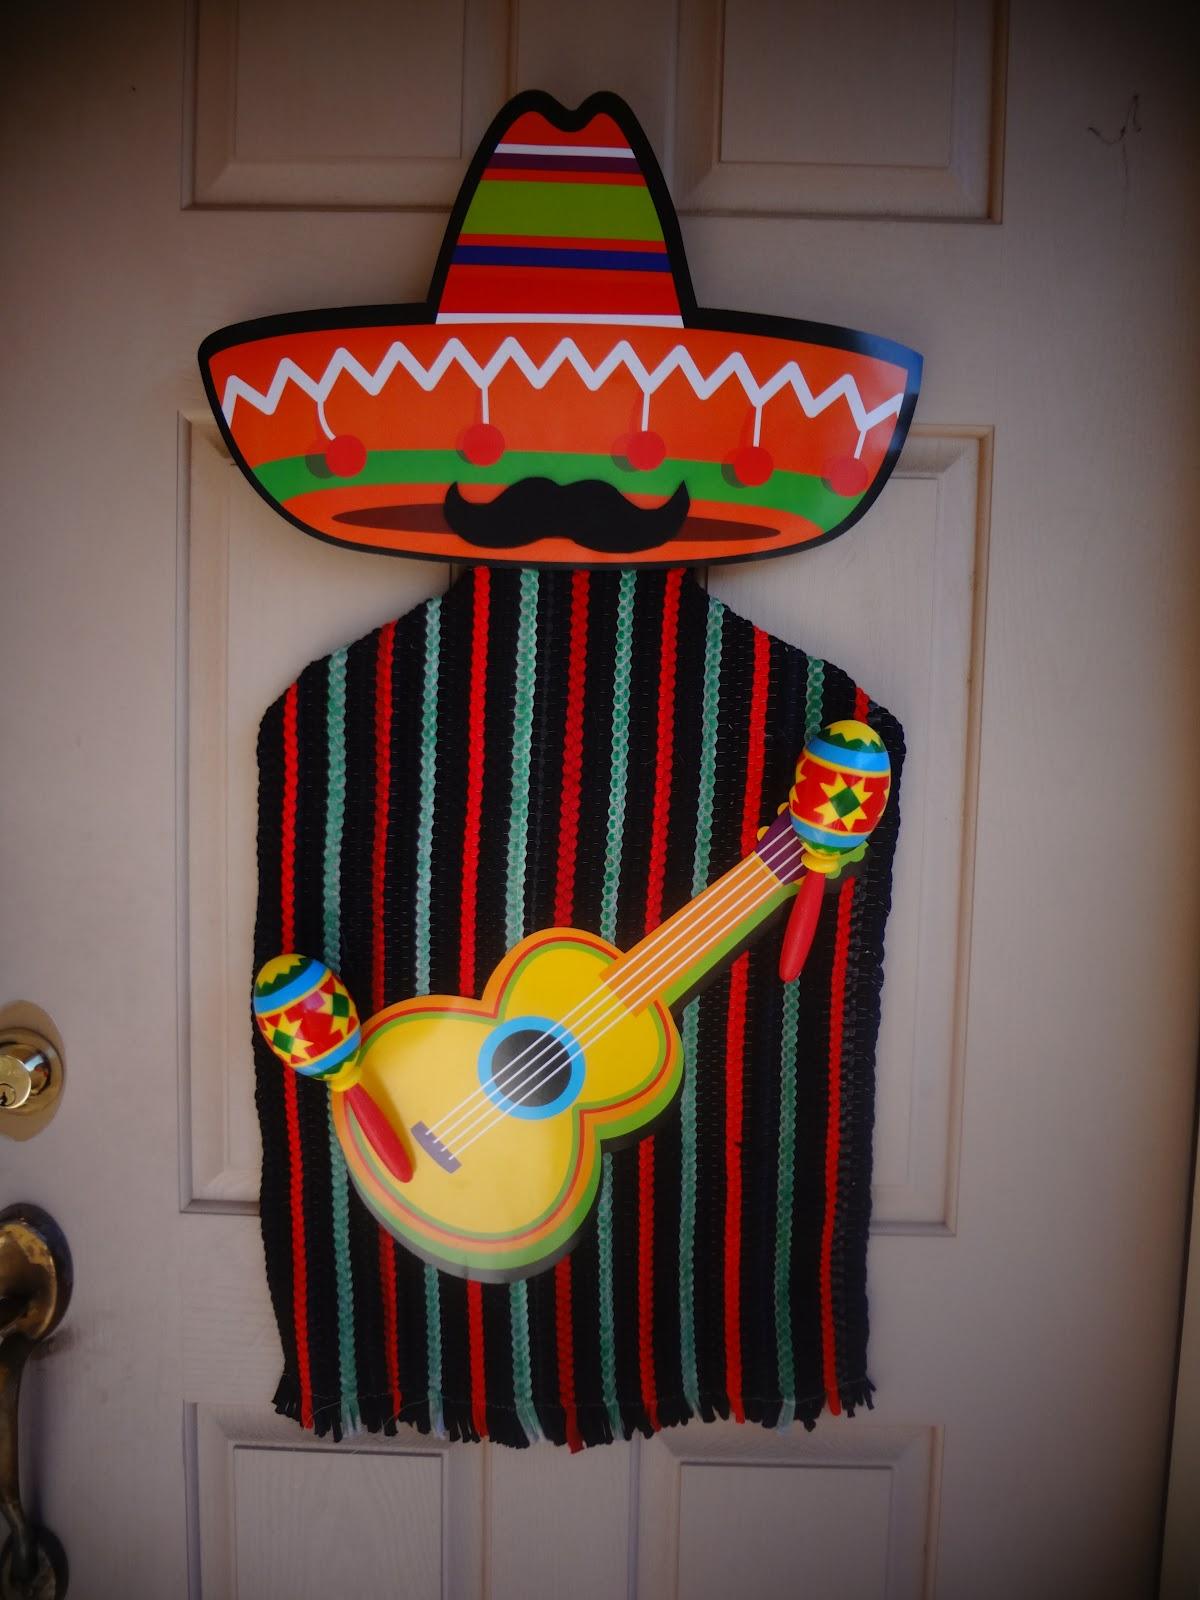 The Busy Broad Cinco De Mayo Door Decor